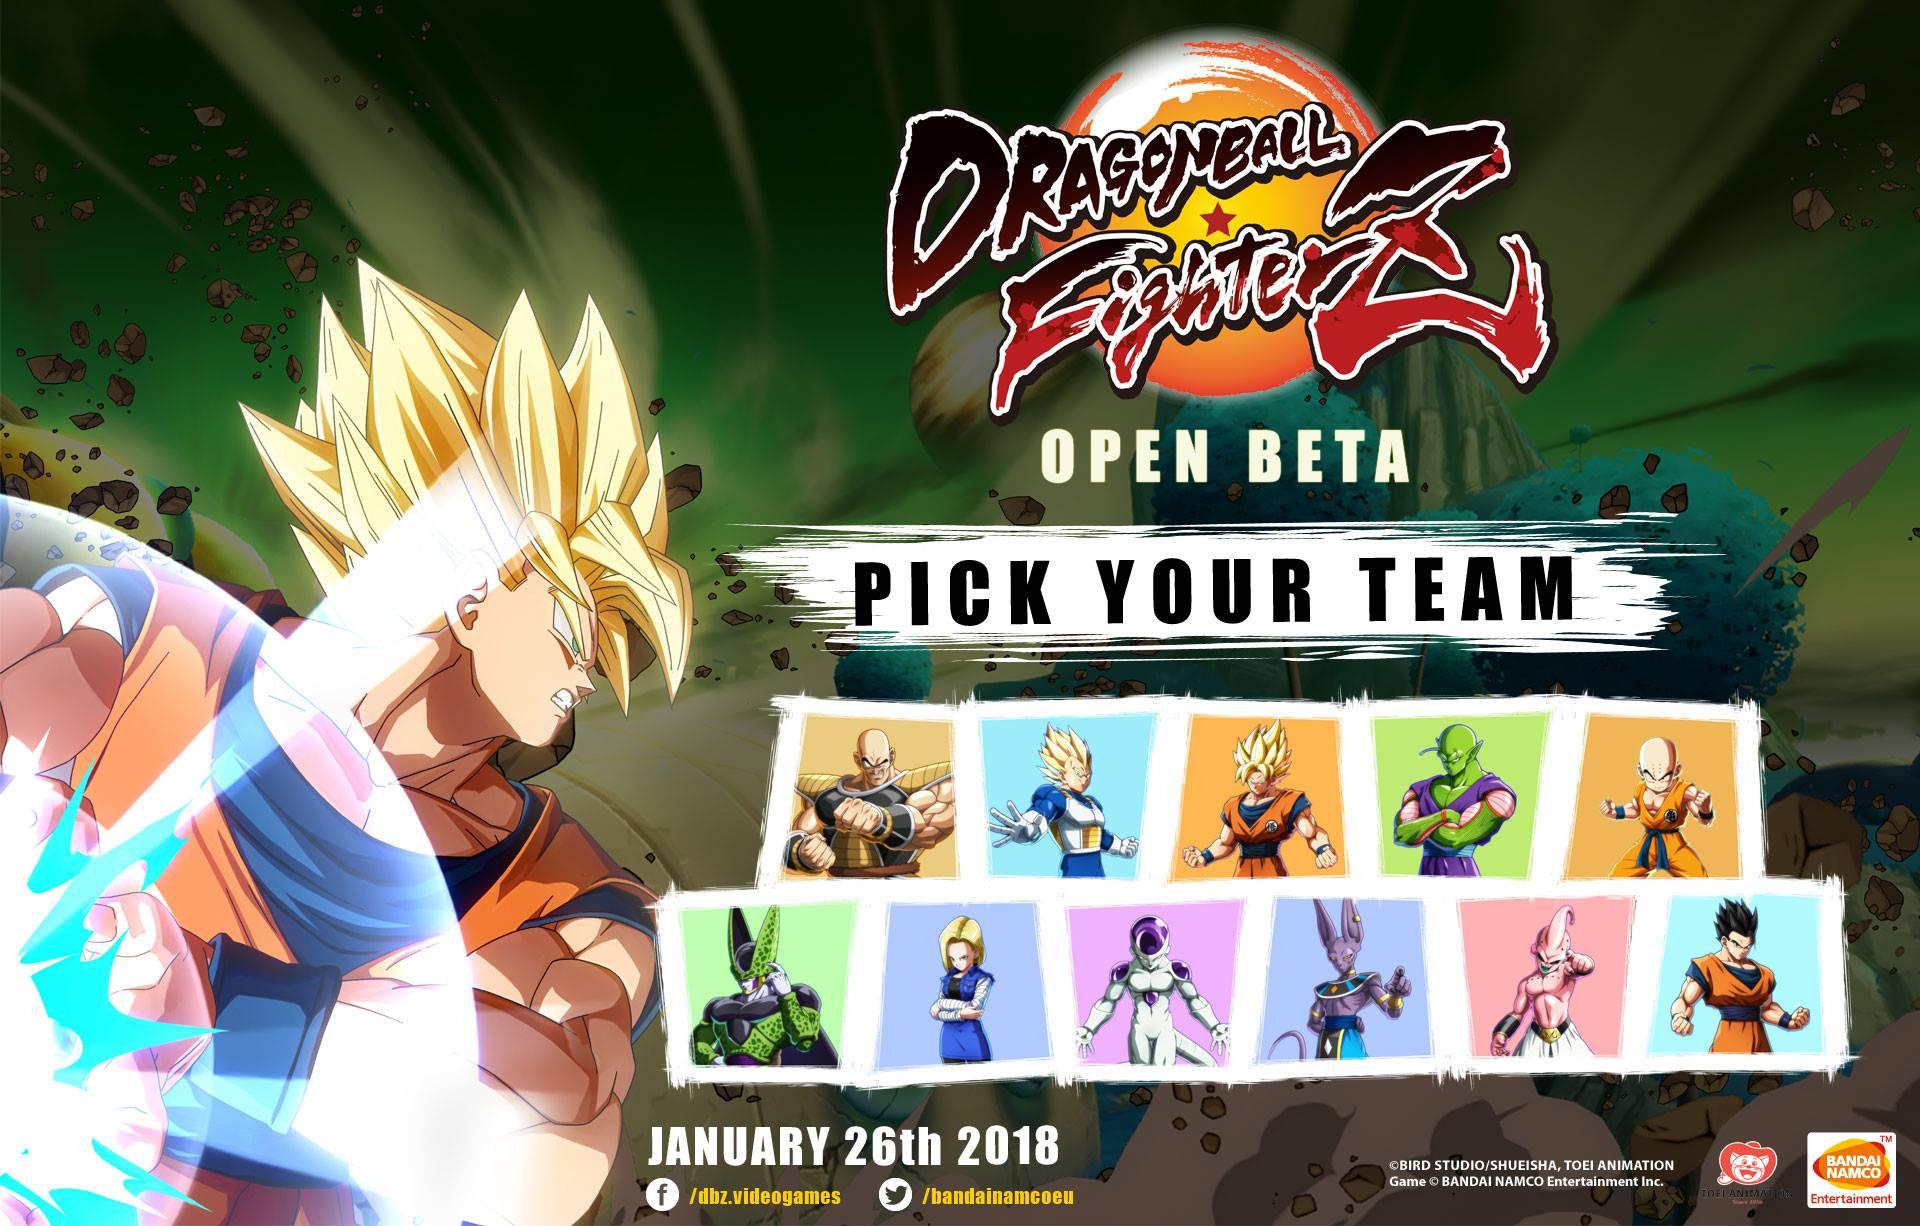 Dragon Ball FighterZ : Les personnages jouables de la Bêta ouverte